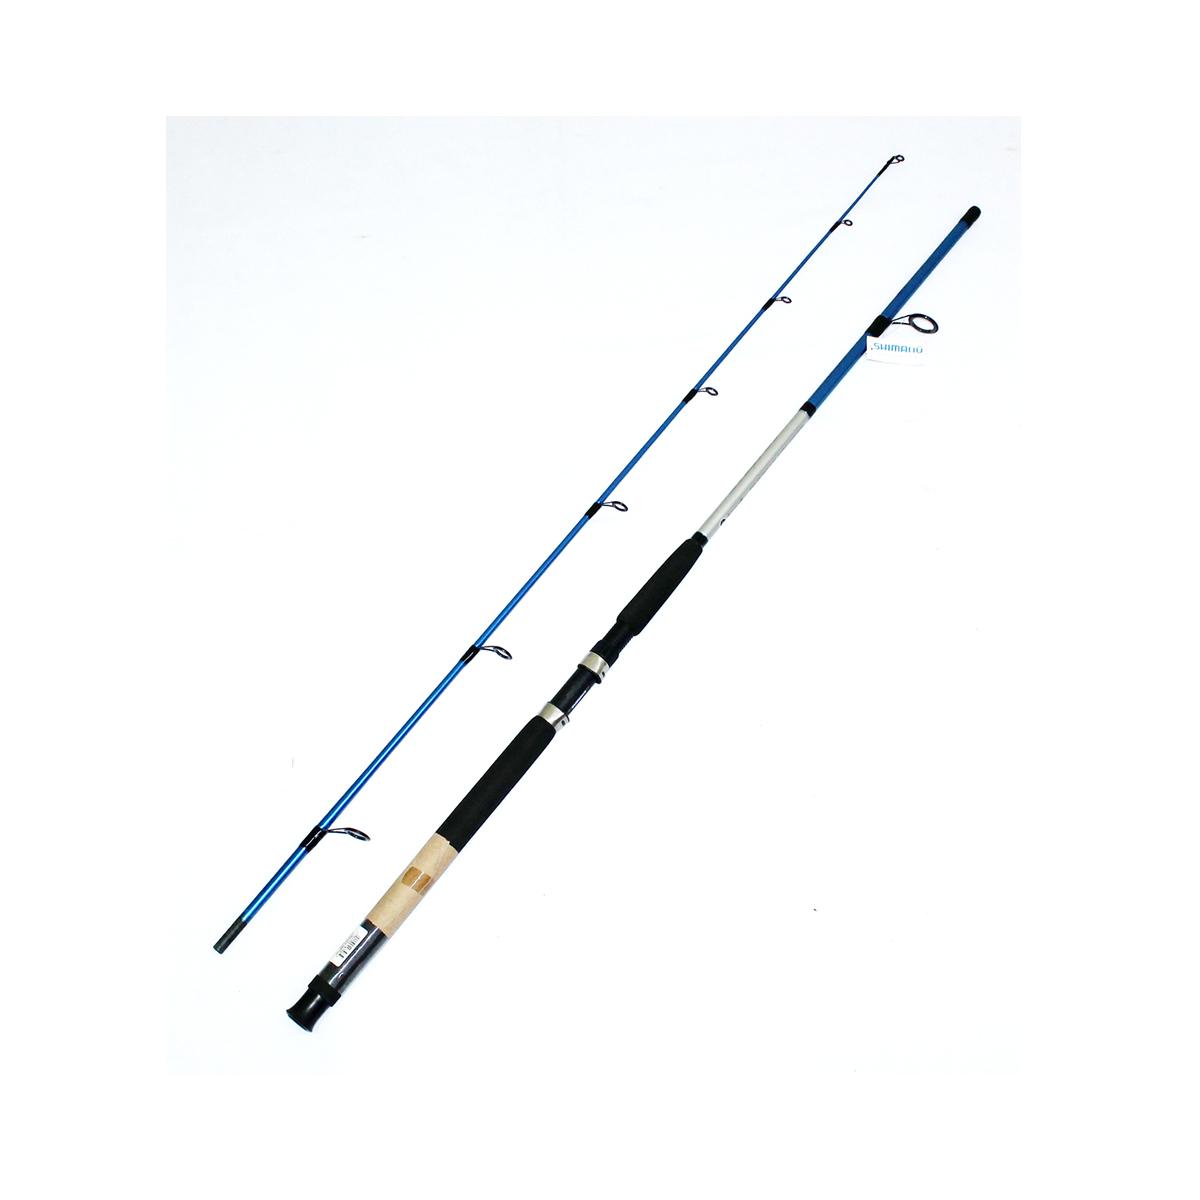 Cần Câu Hai Khúc Shimano Cruzar AX 2702 Màu Xanh Dương 2m1 Chính Hãng